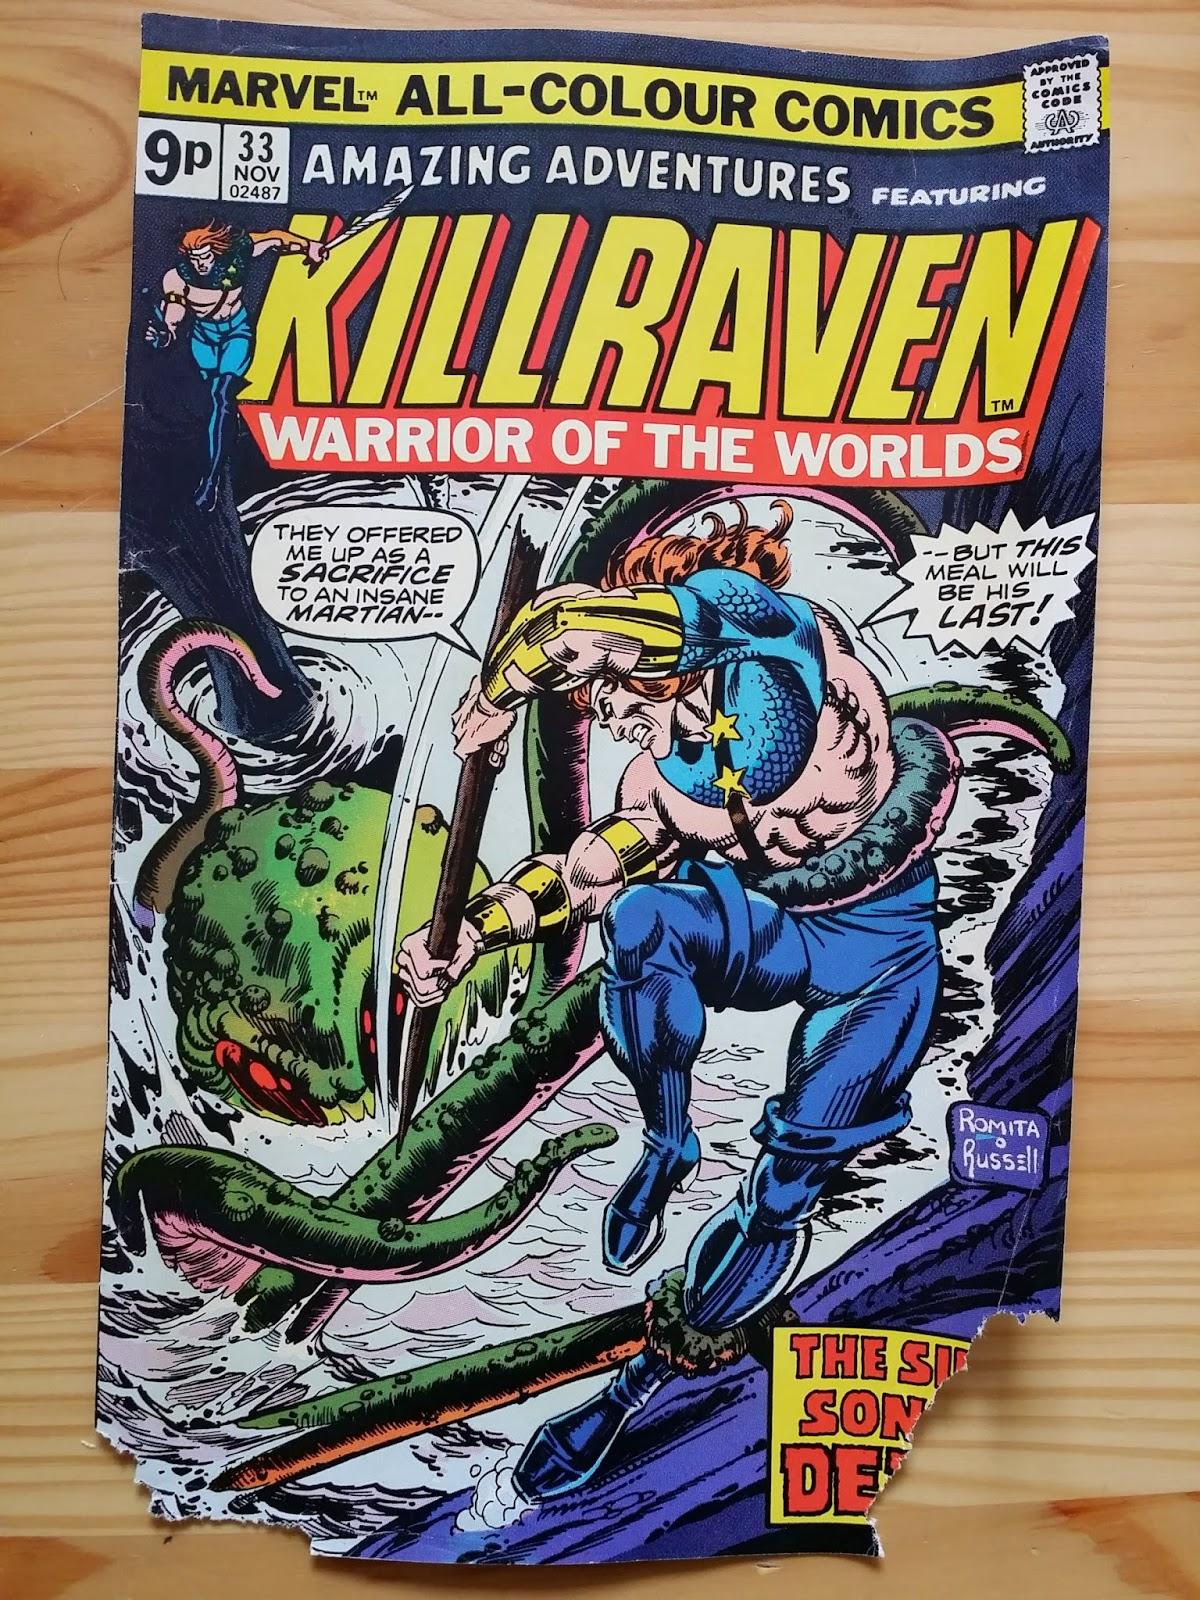 Marvel Killraven Warrior of the Worlds